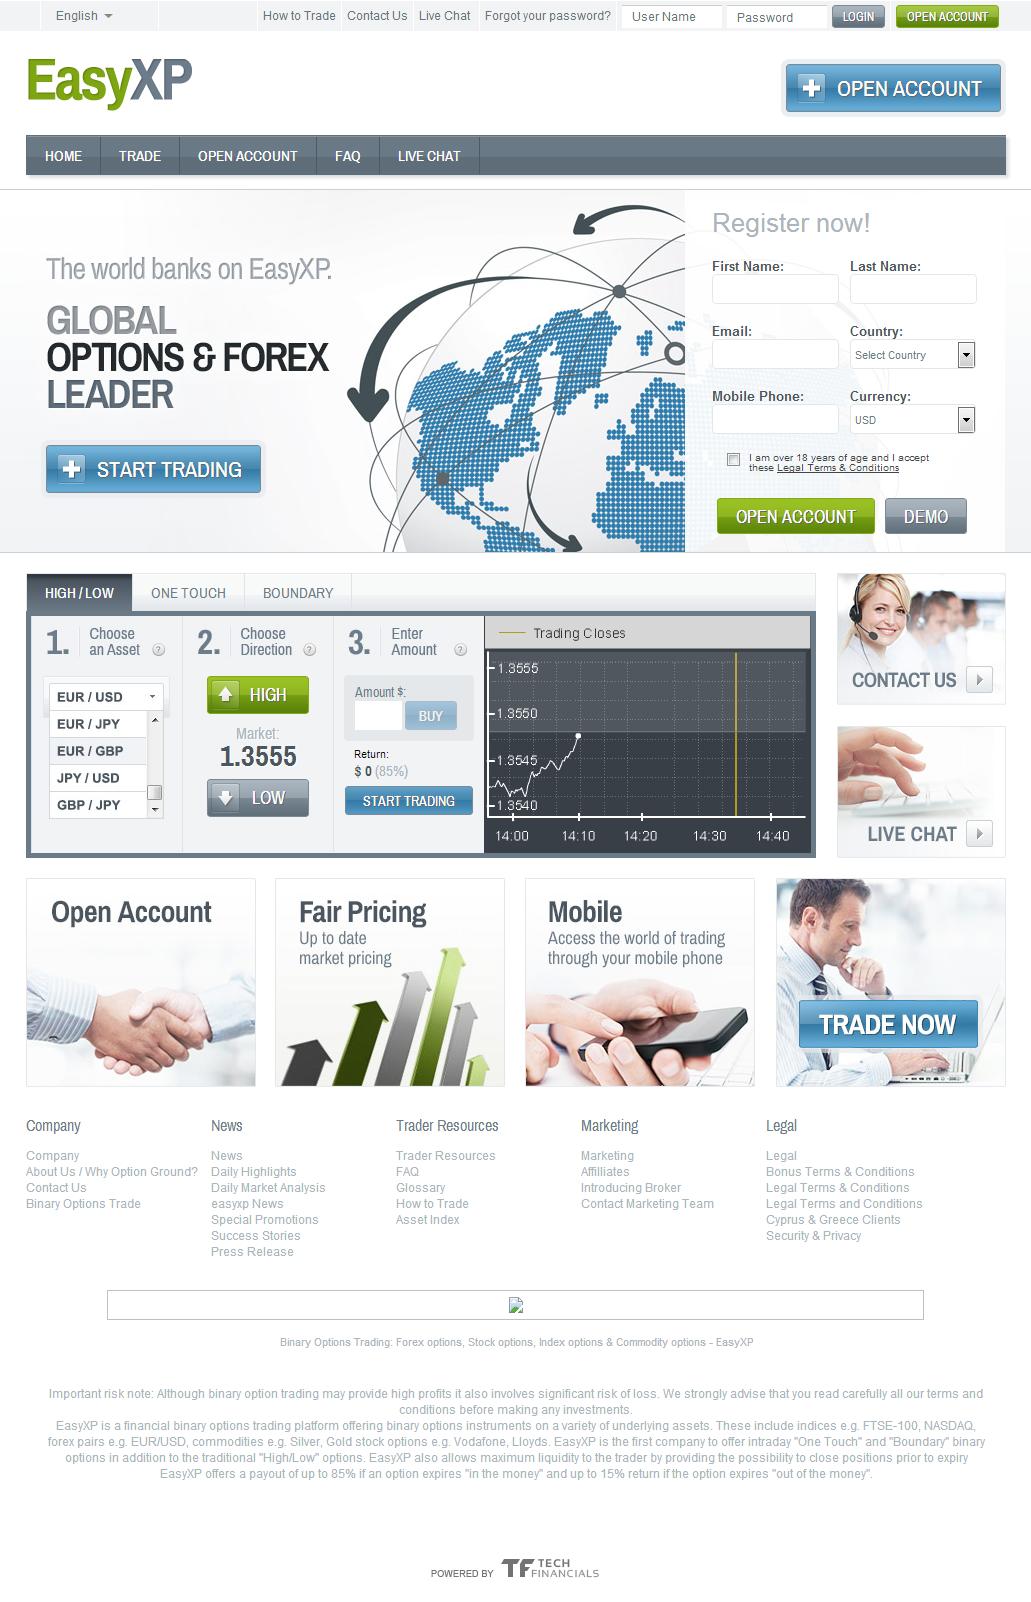 easyXP homepage screenshot